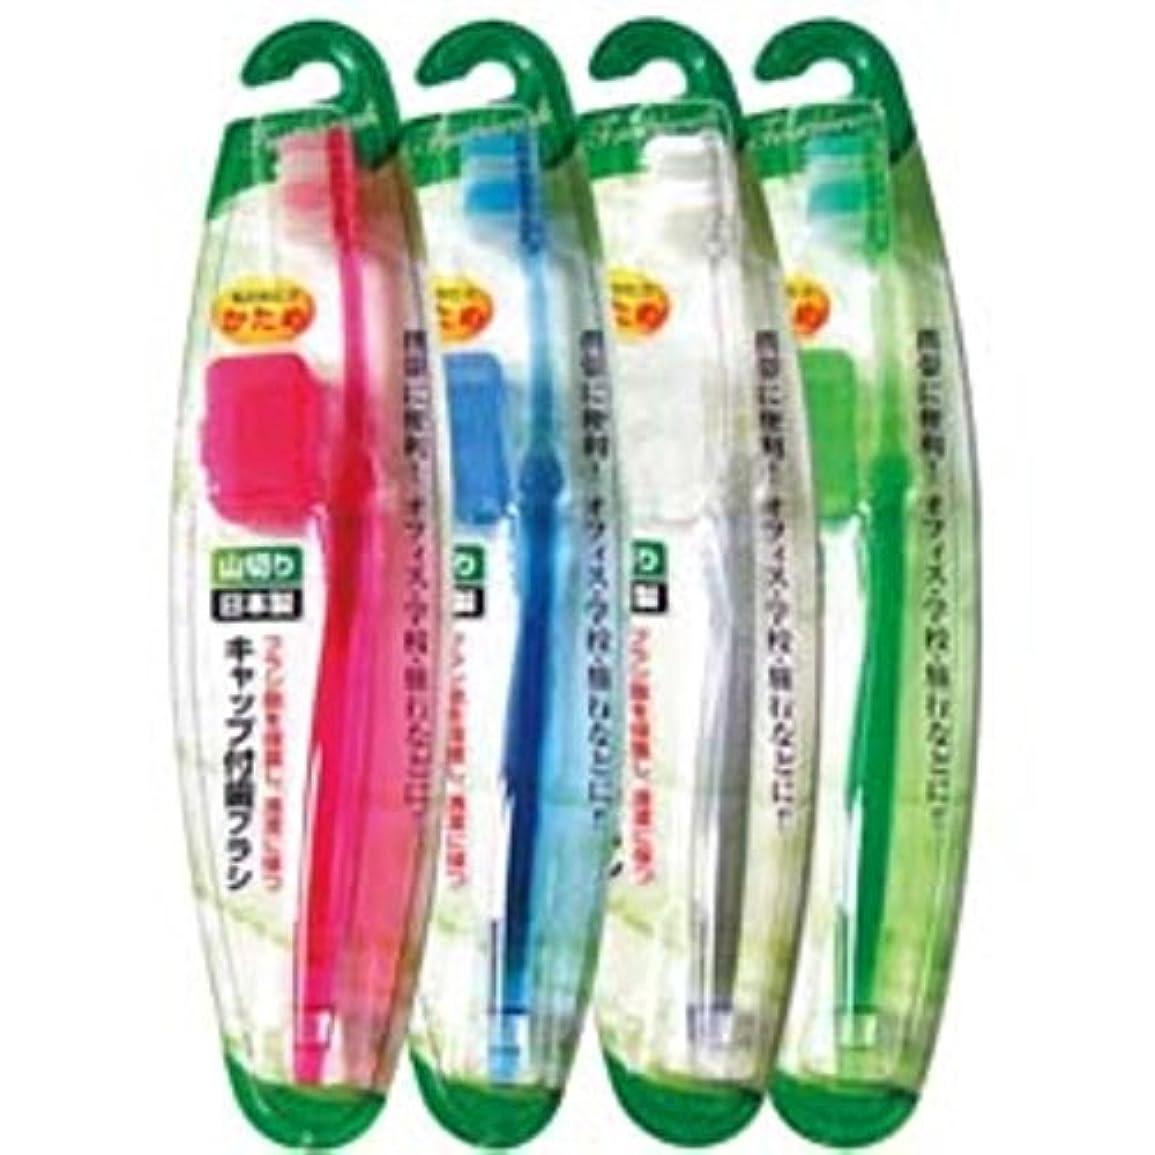 灰またはでるキャップ付歯ブラシ山切りカット(かため)日本製 japan 【まとめ買い12個セット】 41-210